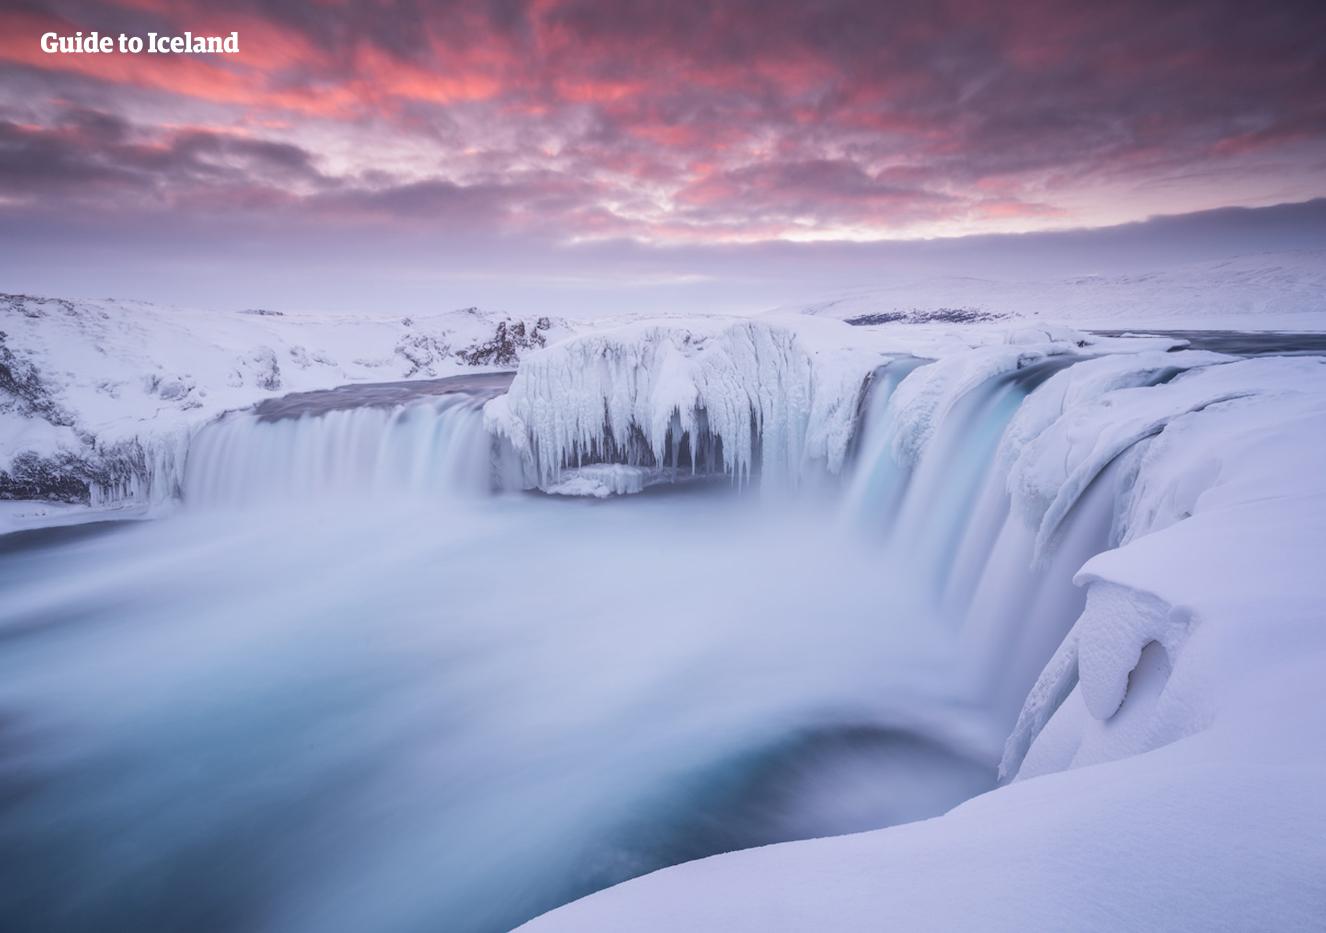 Reykjavík, die Hauptstadt von Island, ist eines der besten winterlichen Reiseziele der Welt.